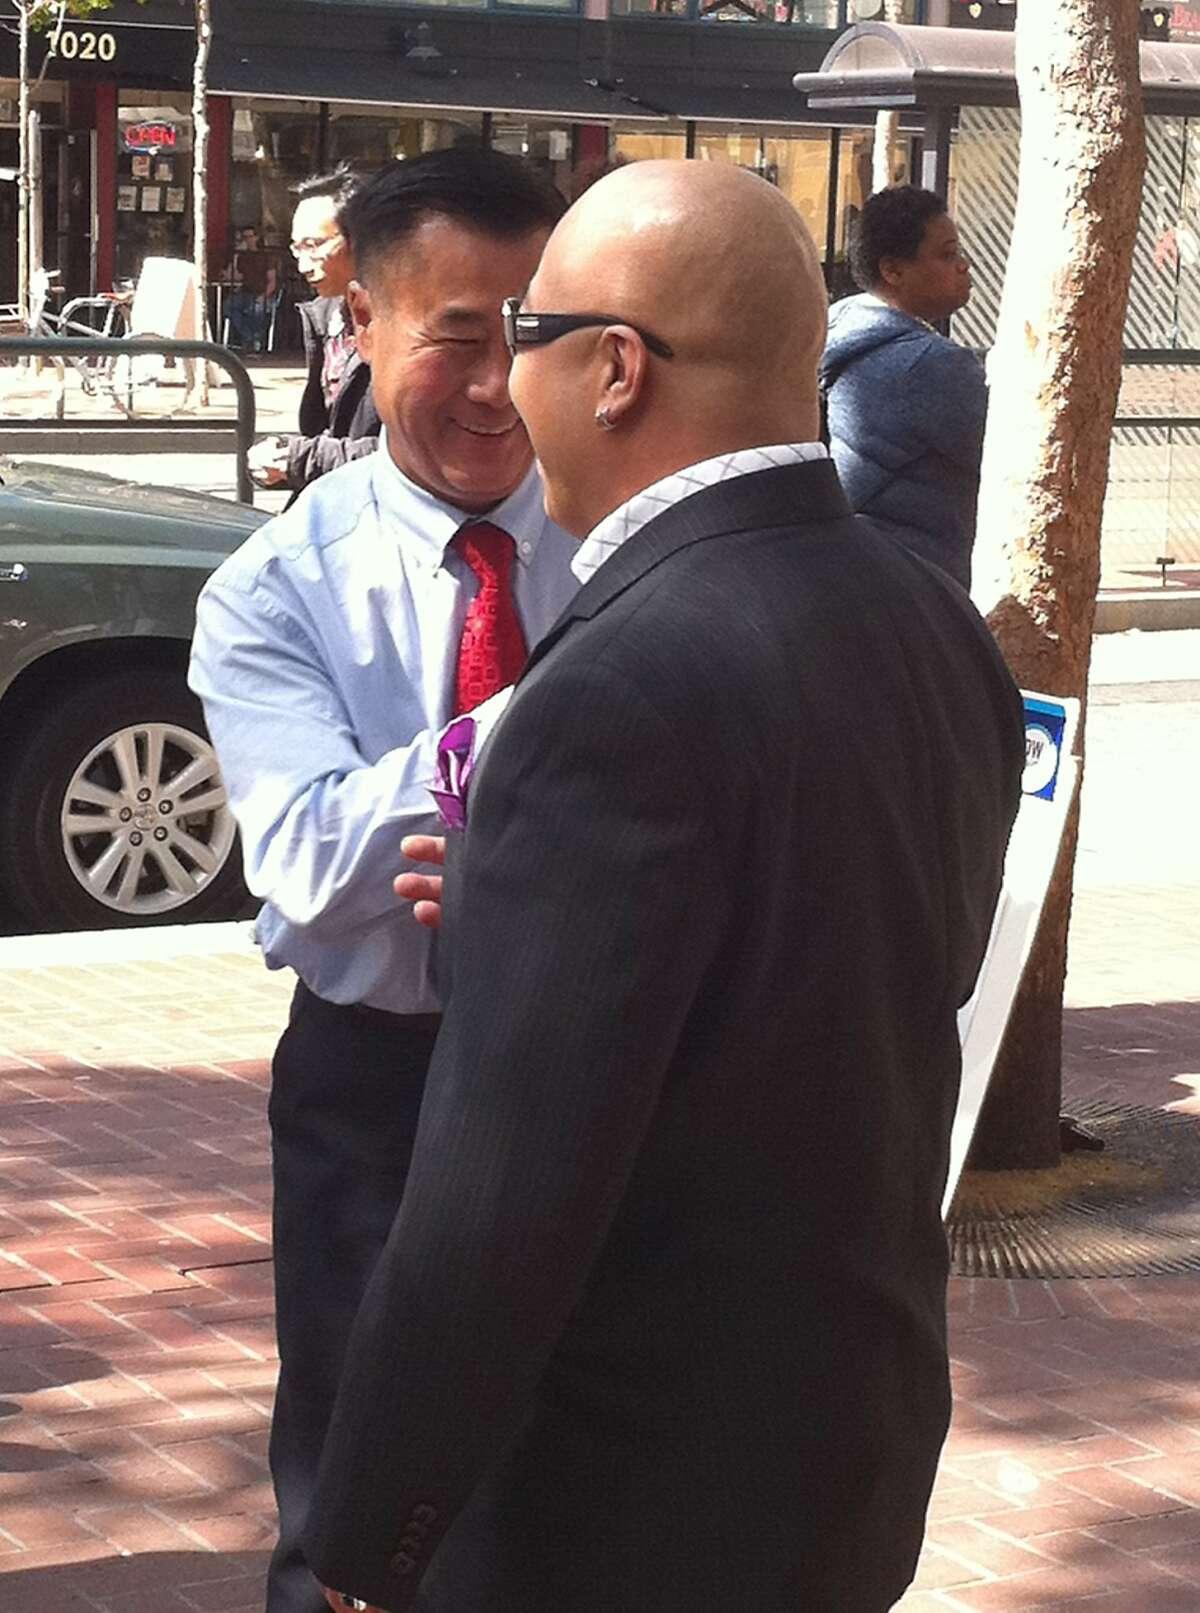 Leland Yee, left, talks with Raymond